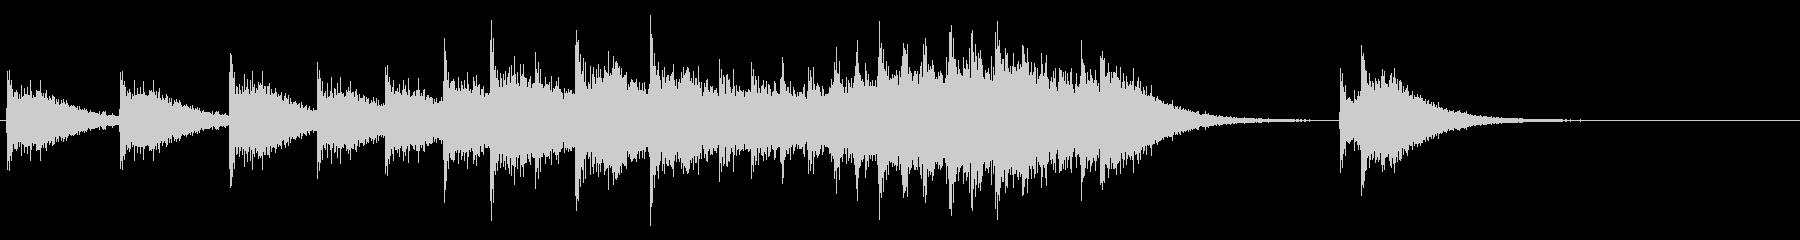 カンカン(鐘の鳴る音の連続)の未再生の波形